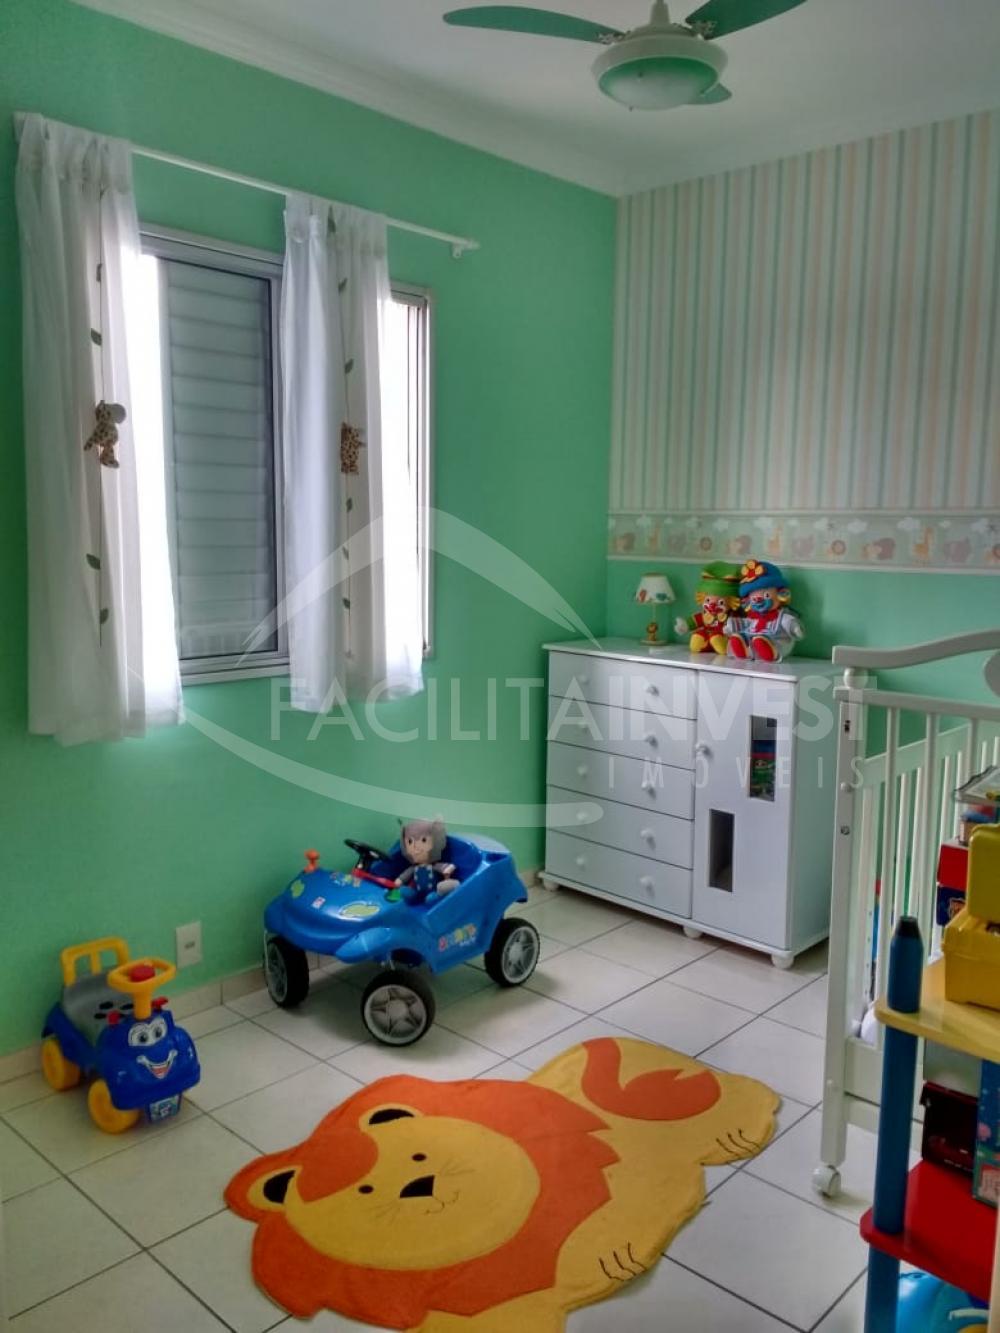 Comprar Apartamentos / Apart. Padrão em Ribeirão Preto apenas R$ 240.000,00 - Foto 17